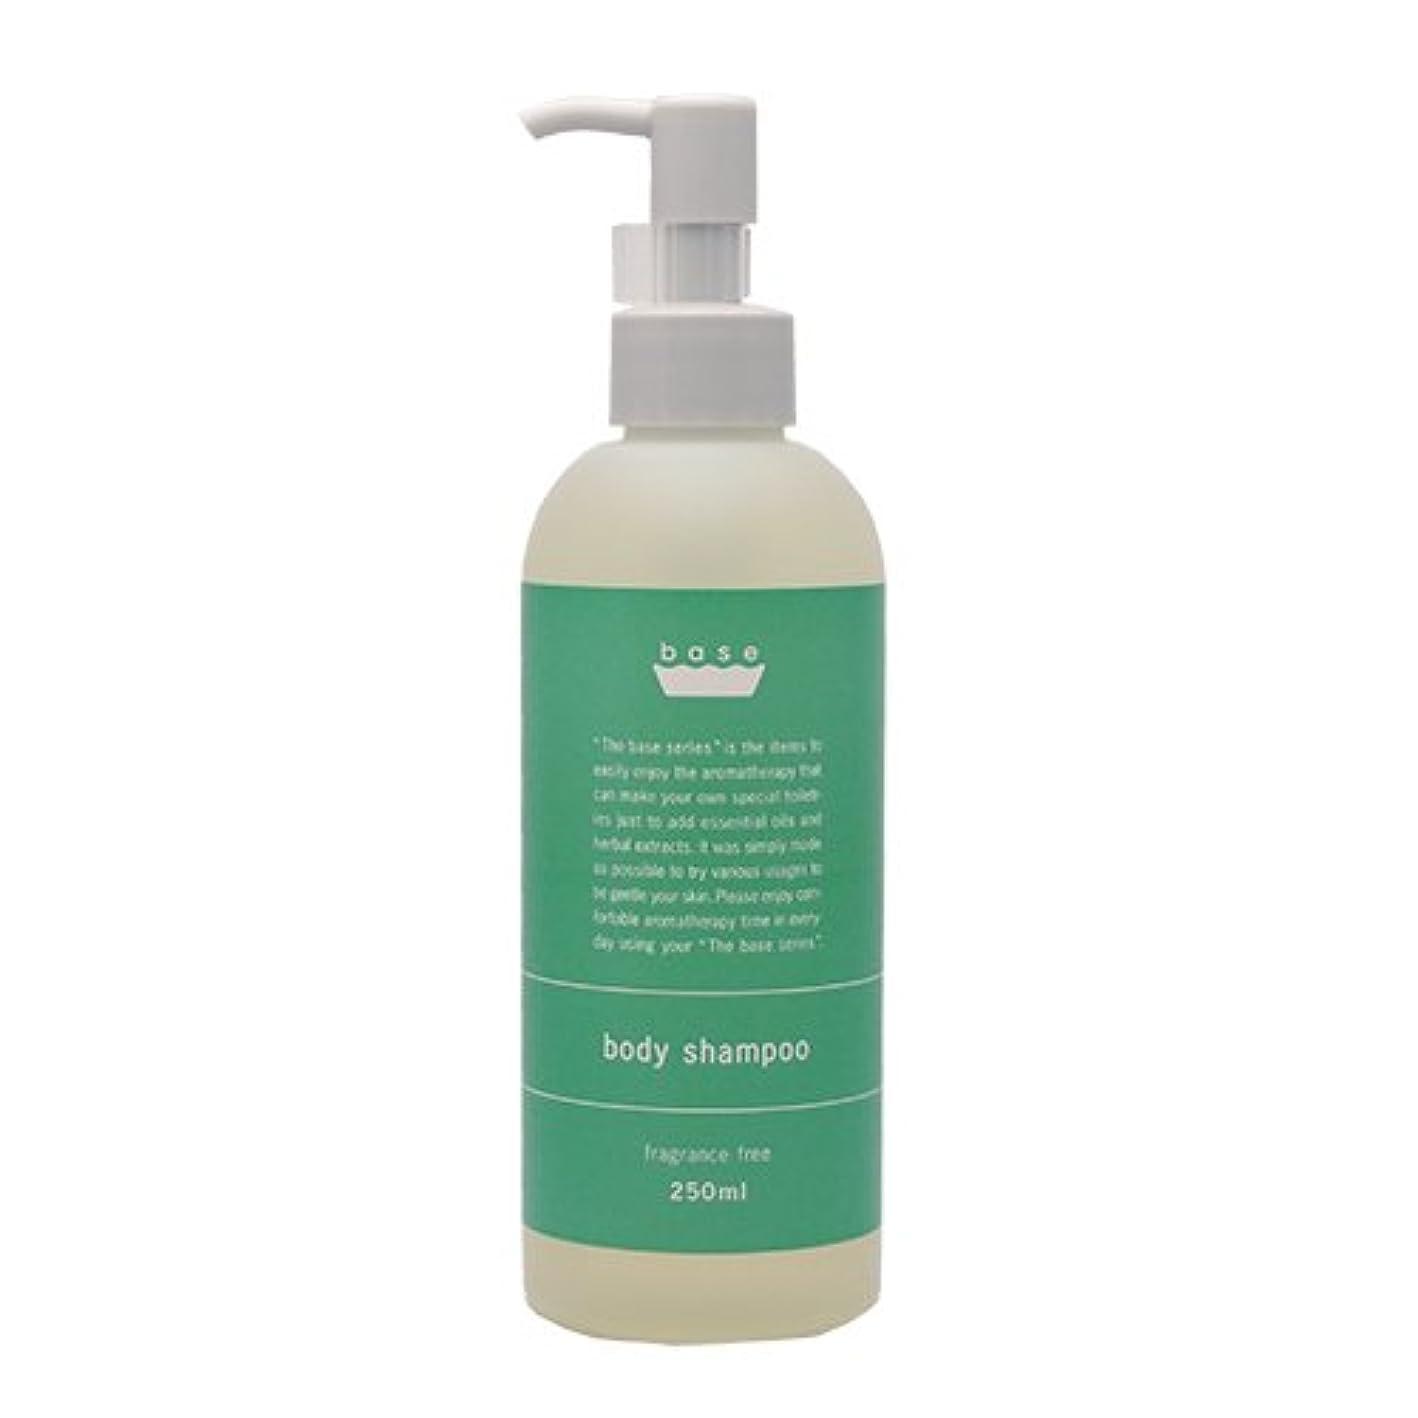 レポートを書くサンドイッチバタフライフレーバーライフ base body shampoo(ボディーシャンプー)250ml